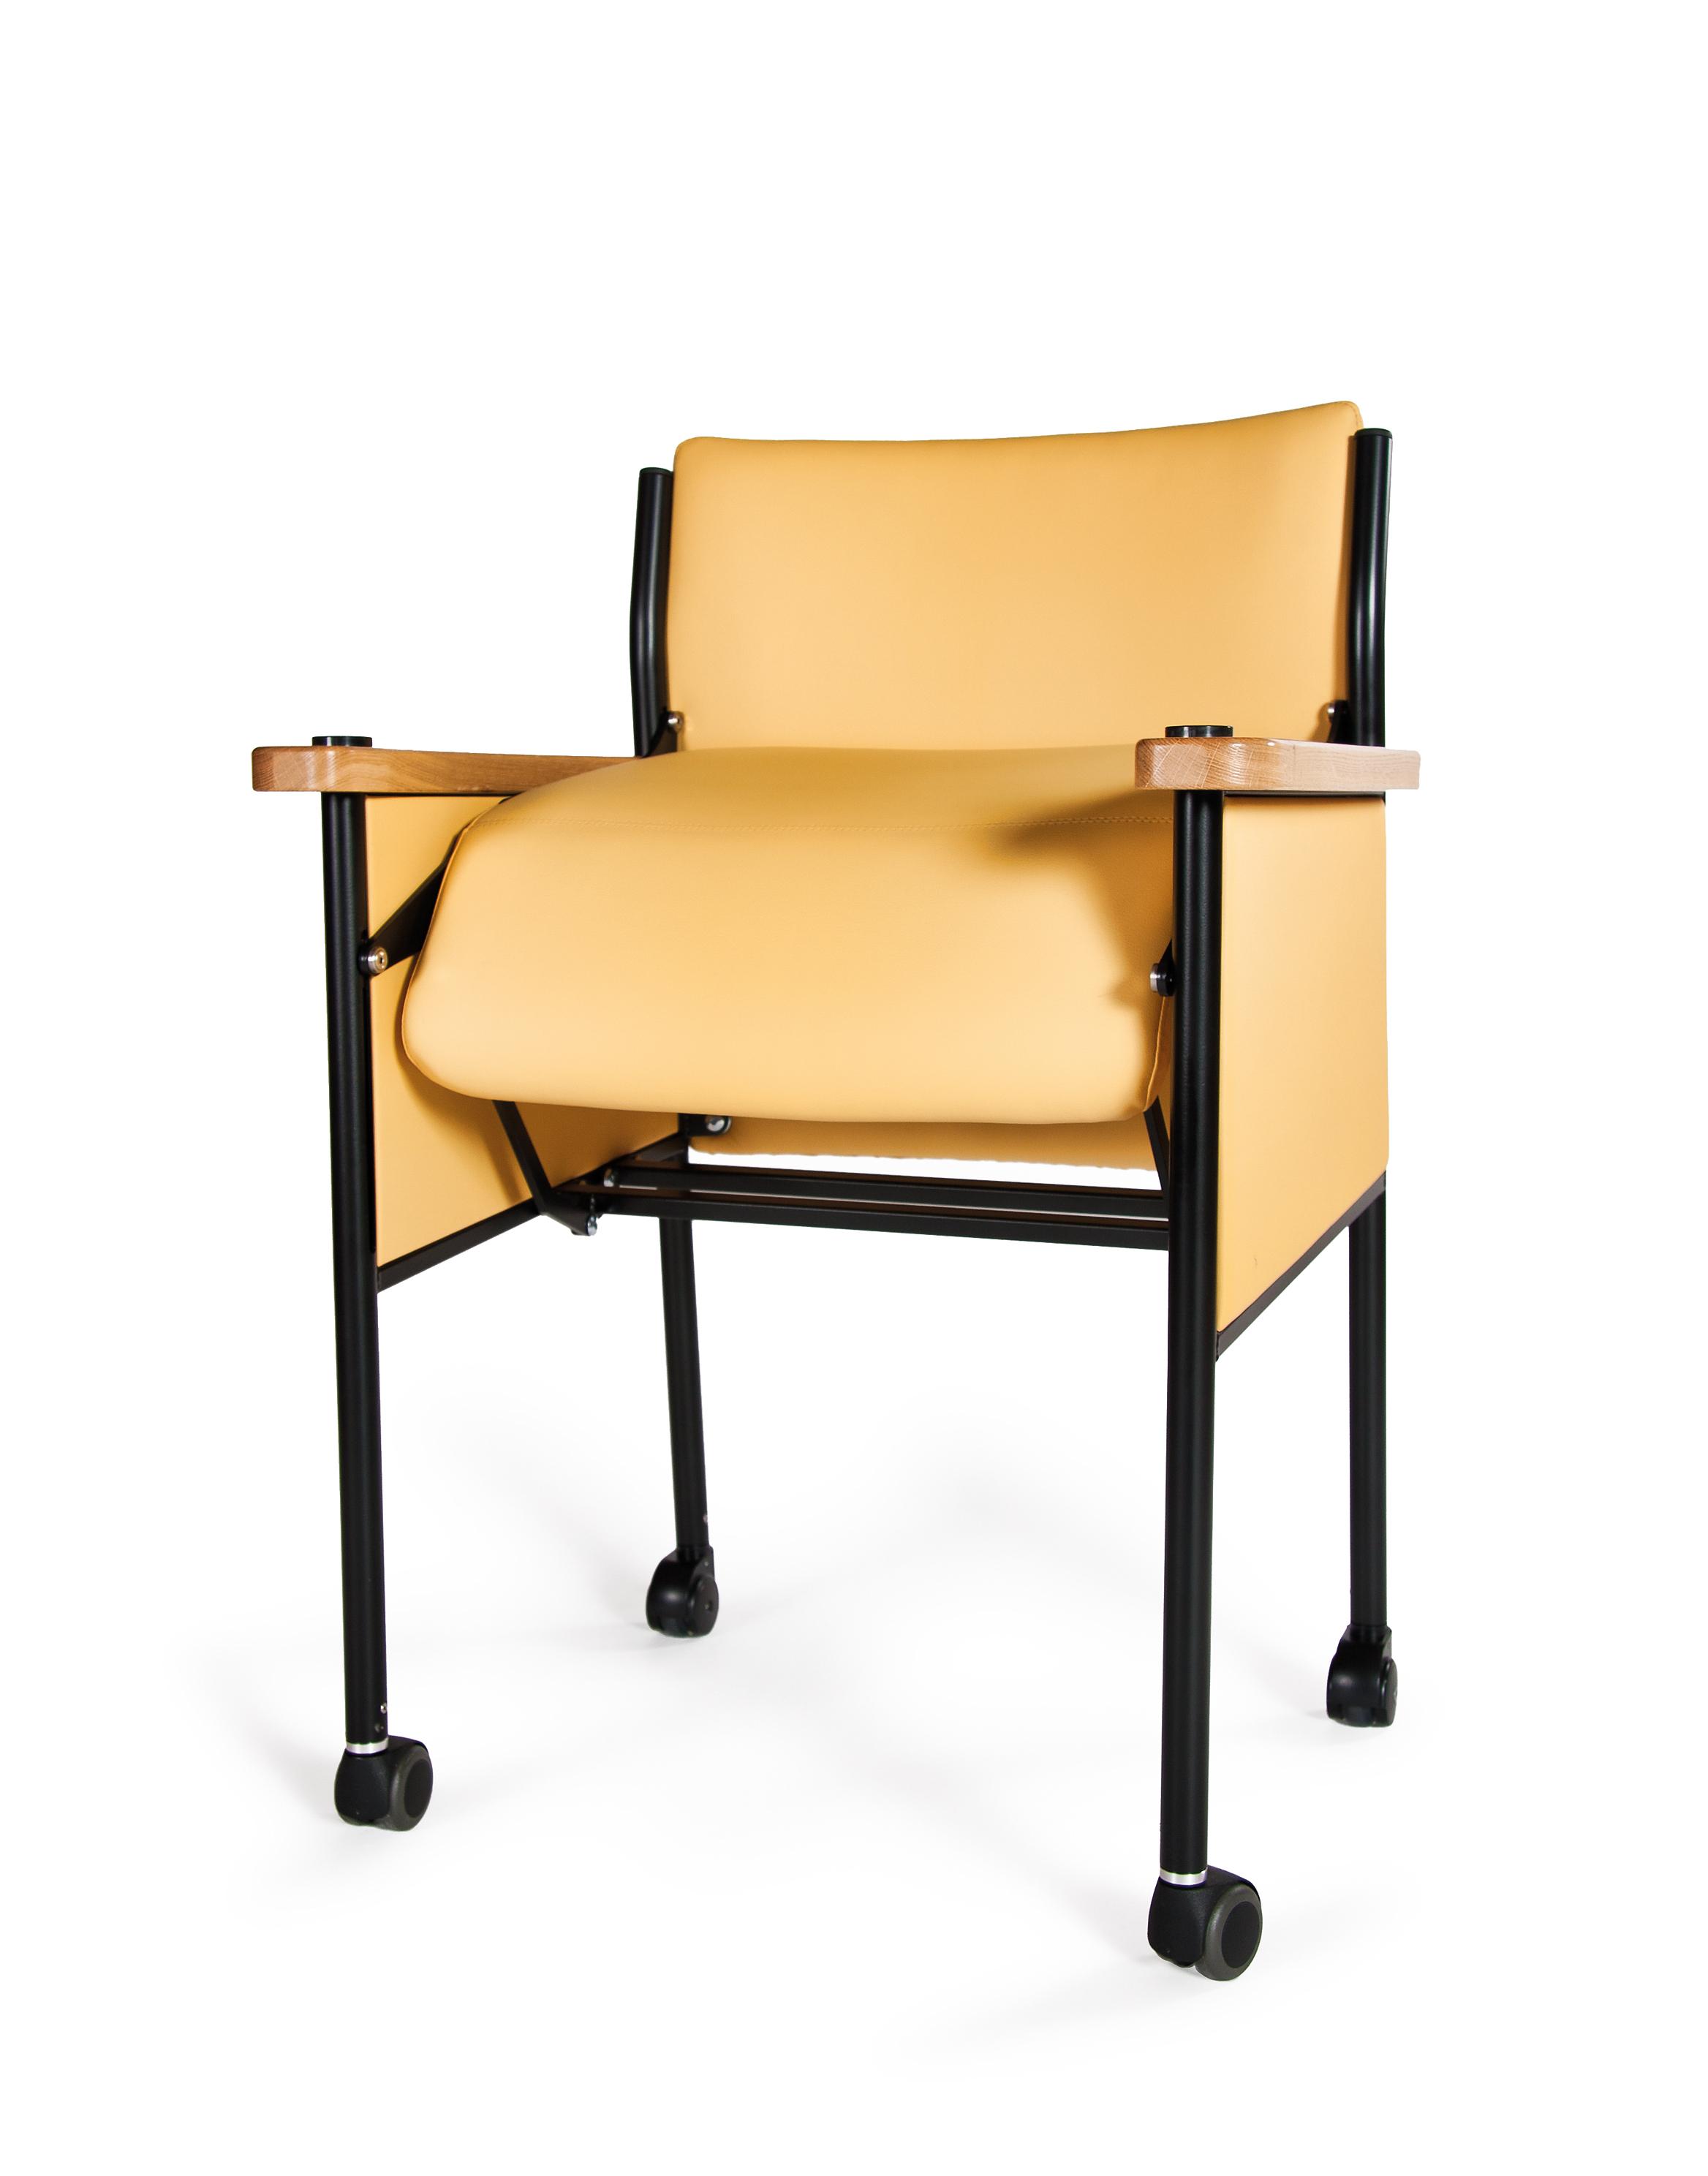 stuhl mit rollen und bremse stunning er mm rollen stuhlrollen fr laminat fliesen with stuhl mit. Black Bedroom Furniture Sets. Home Design Ideas